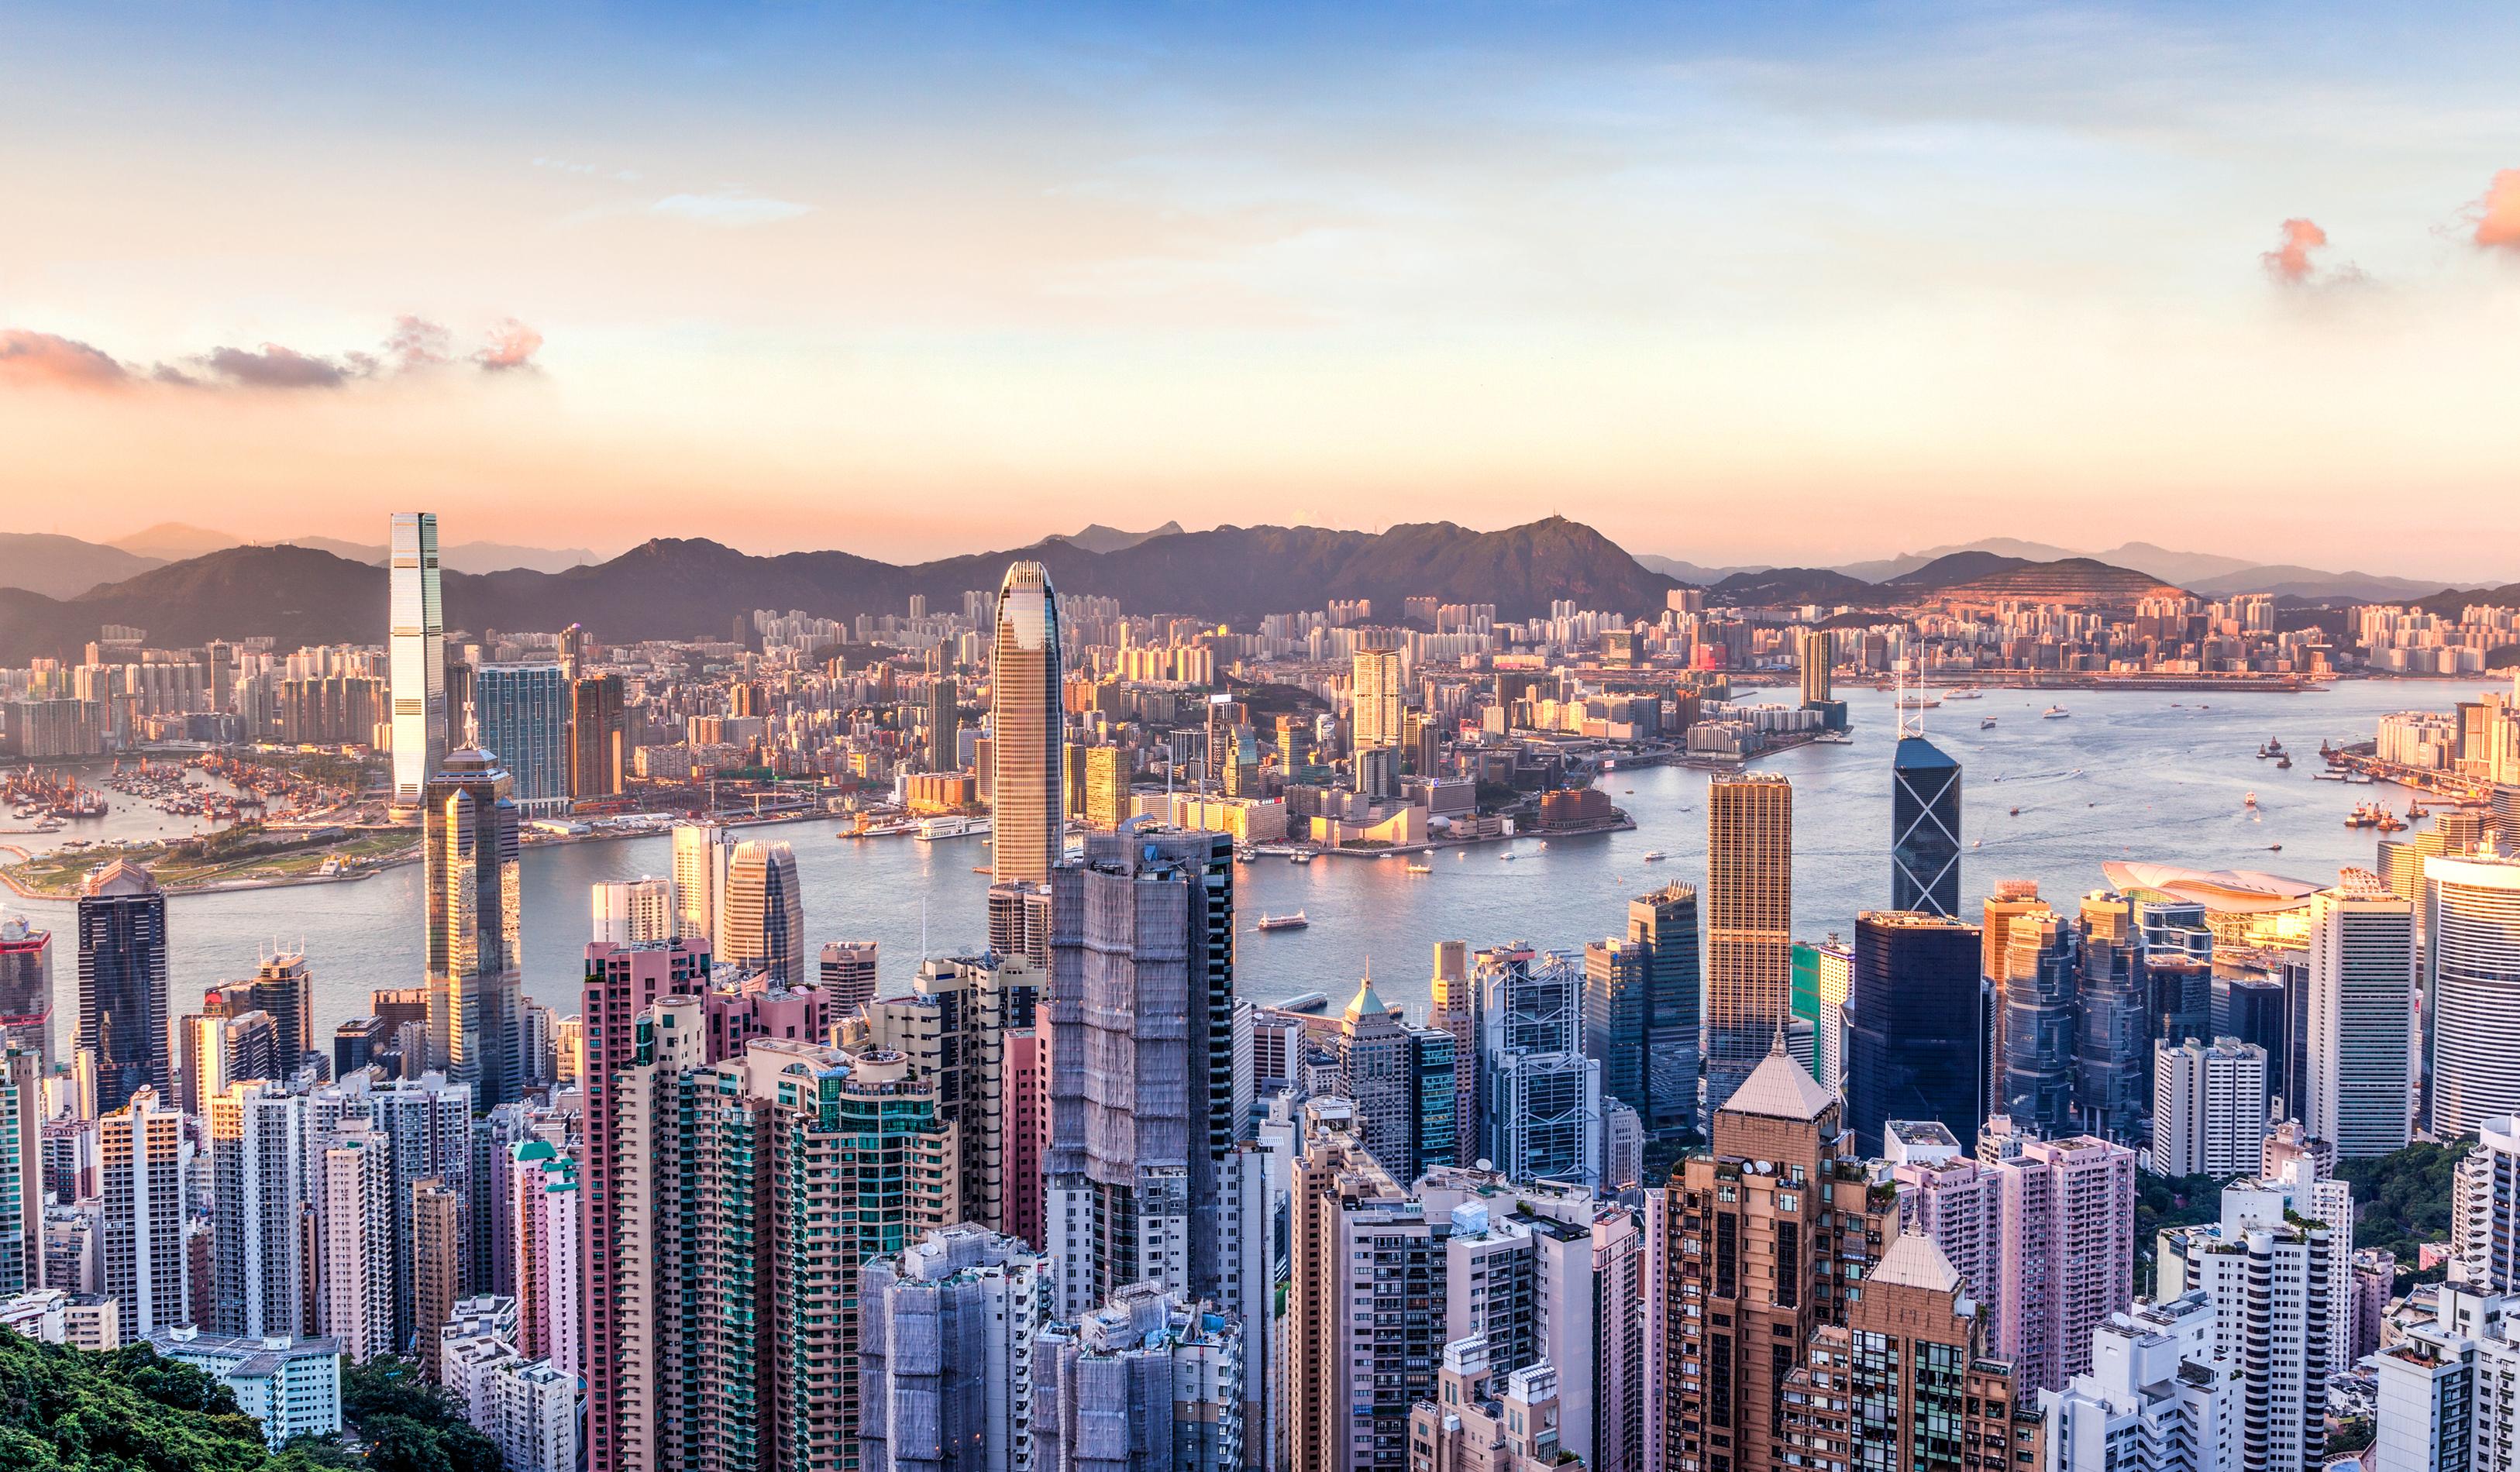 El puntaje de Hong Kong de 20.8 fue inferior a 20.9 en 2019, pero aún es nueve puntos más alto que en cualquier otro lugar, lo que la convierte en la ciudad más cara del mundo para vivir una vez más (Shutterstock)